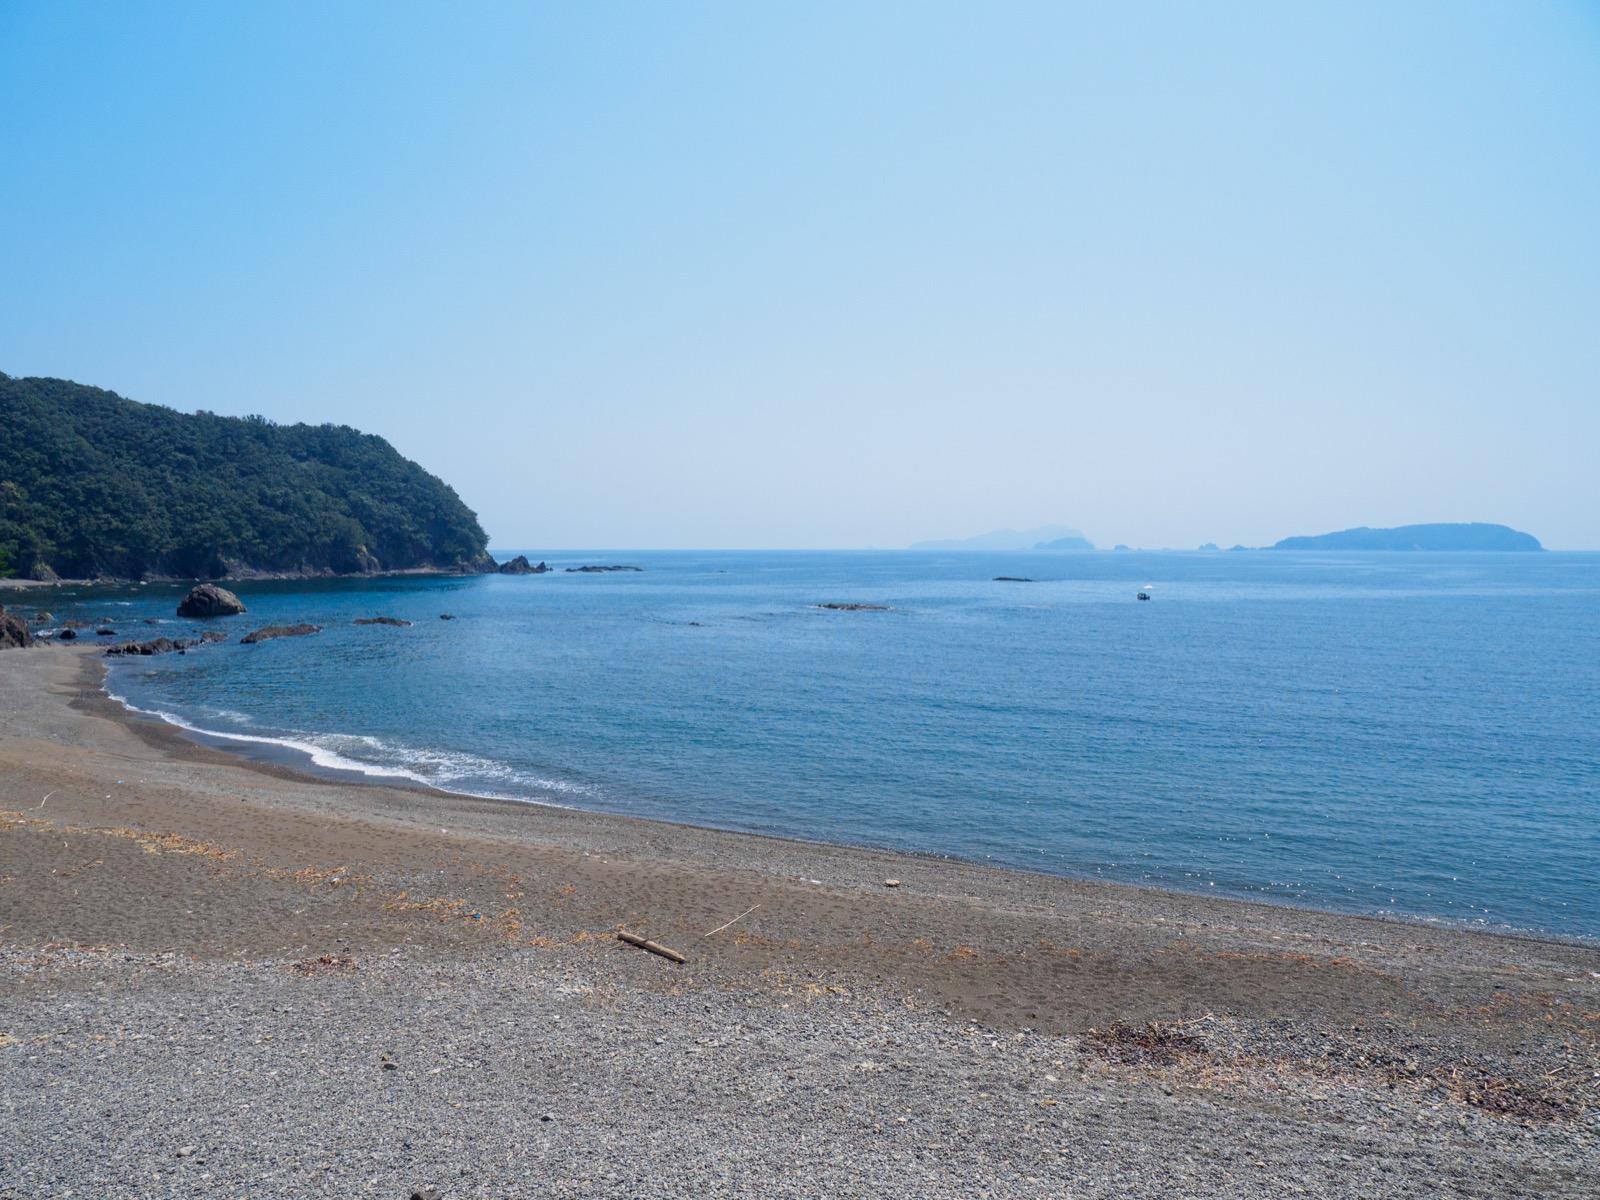 鯖瀬駅そばの海岸